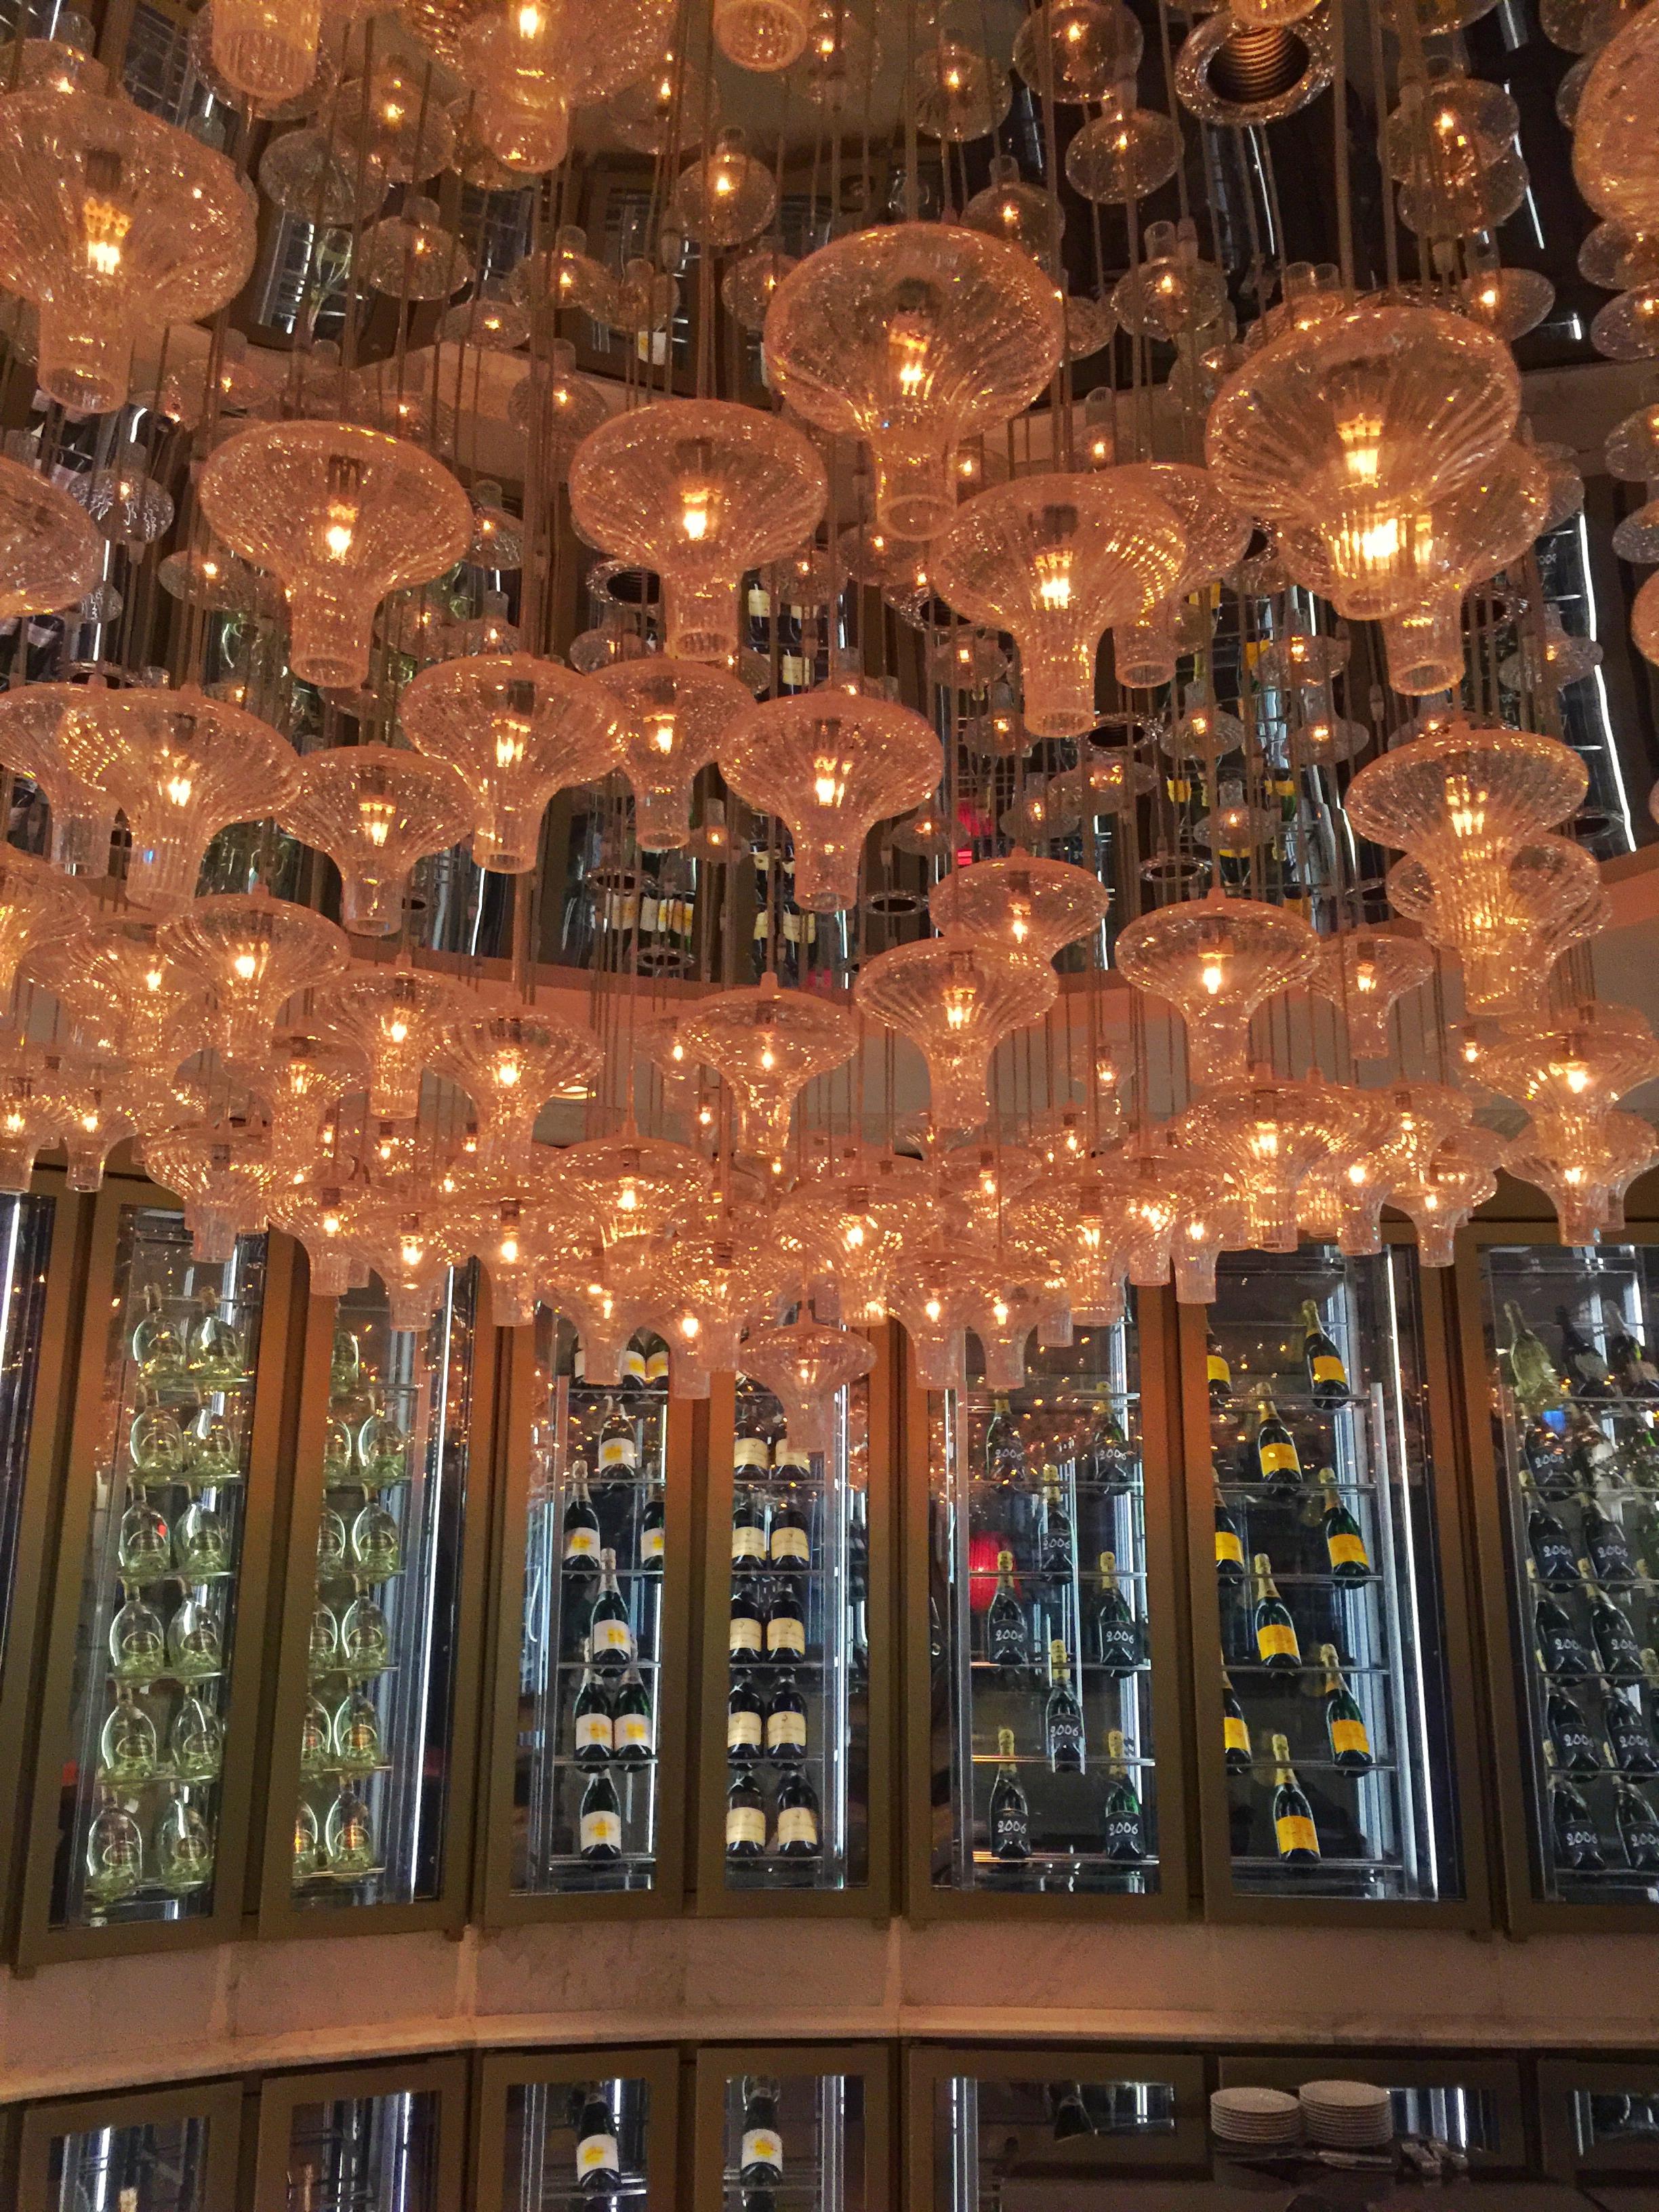 Raffles Hotel Champagne Bar